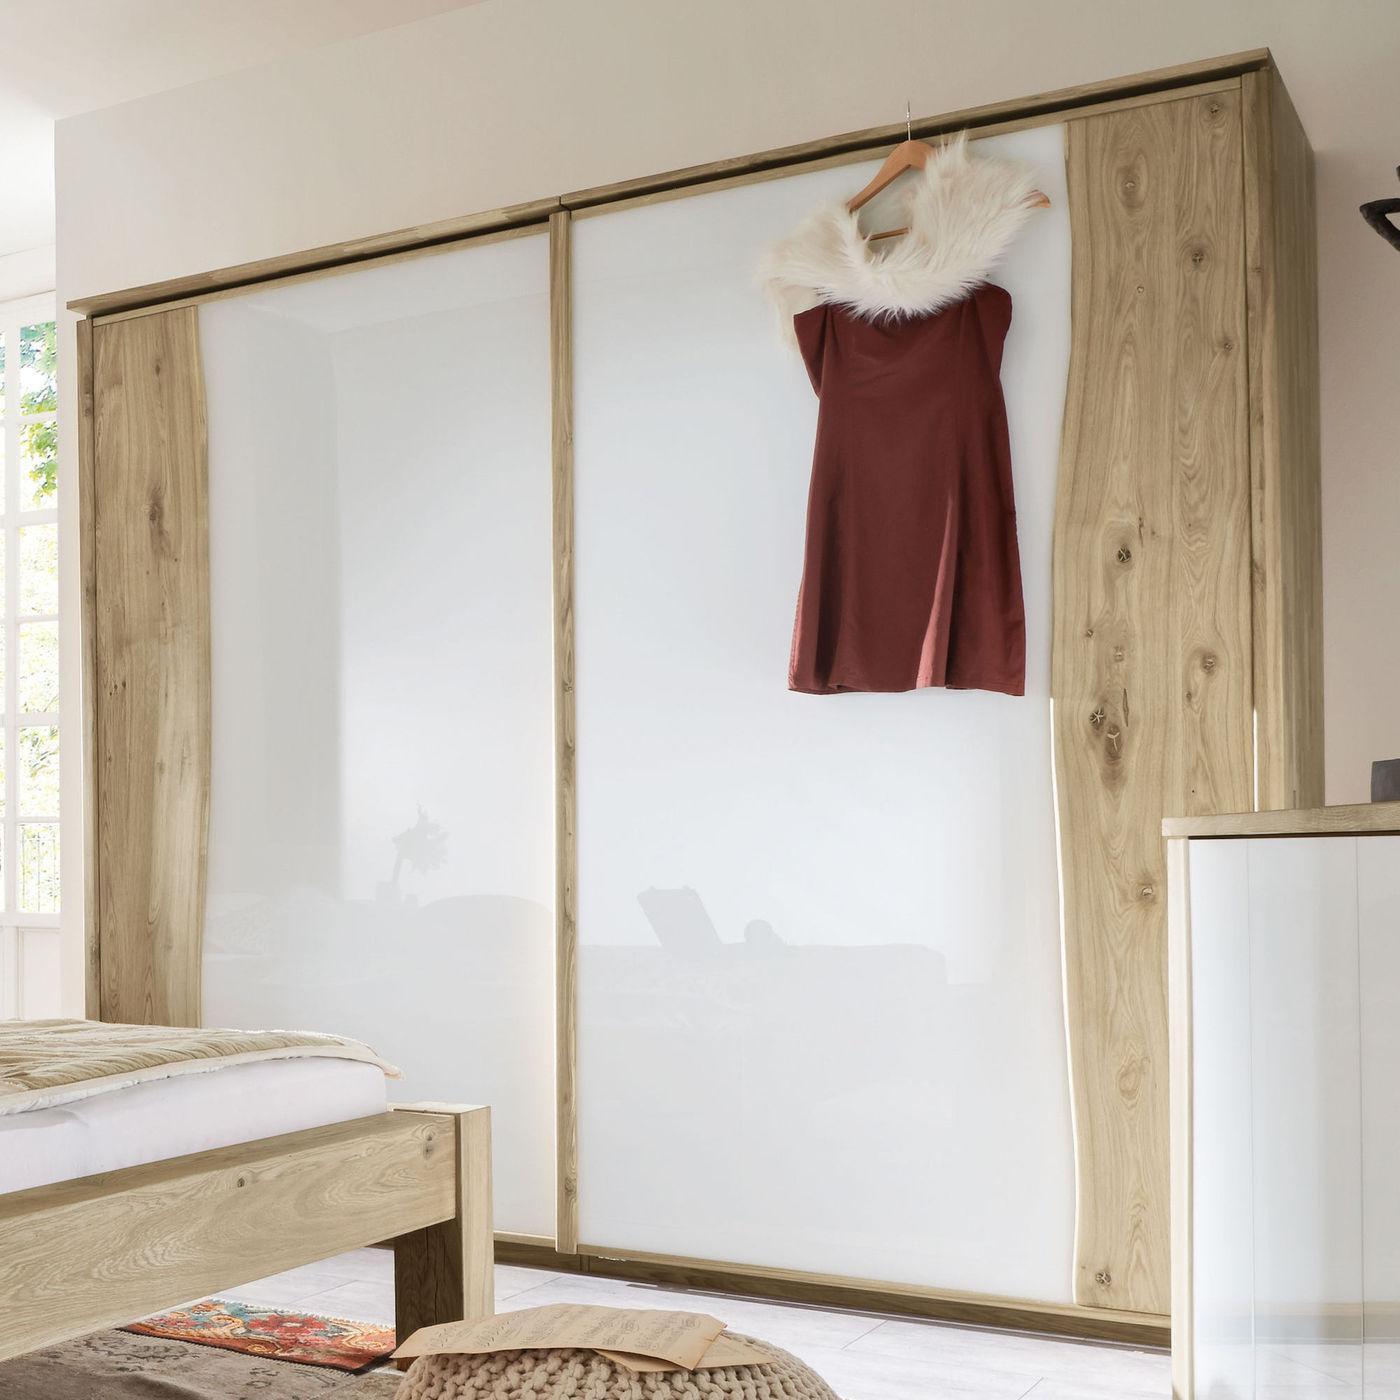 schwebet ren kleiderschrank wildeiche ge lt mit glasfront imst. Black Bedroom Furniture Sets. Home Design Ideas